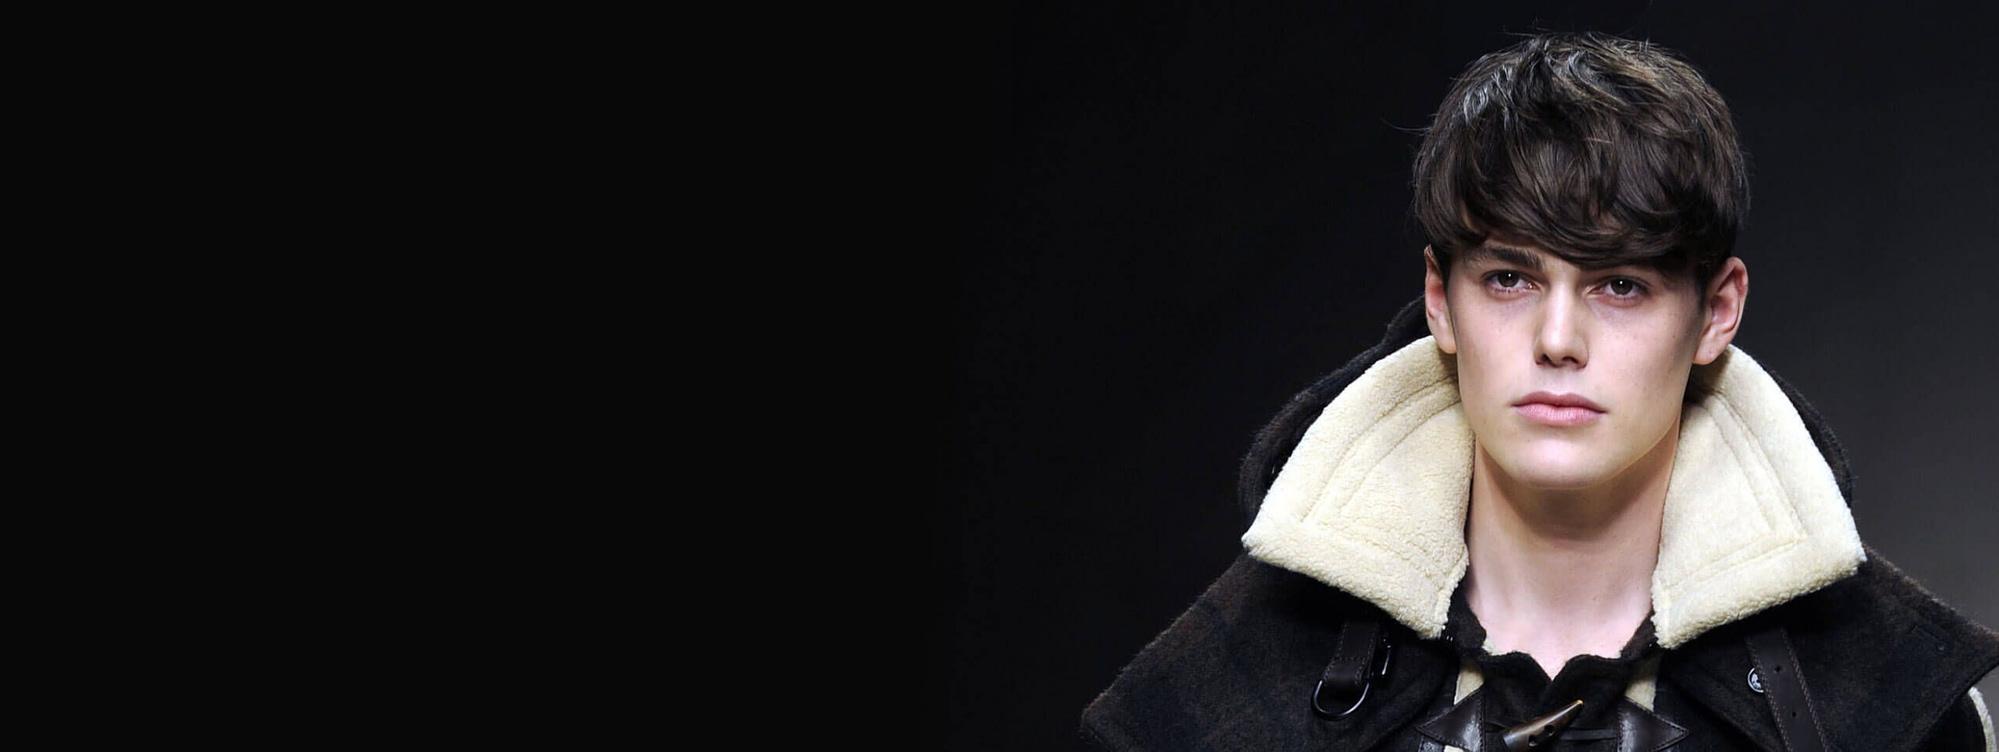 Frisuren Für Männer: Das Kommt Im Herbst Und Winter - Mode Frisuren Männer